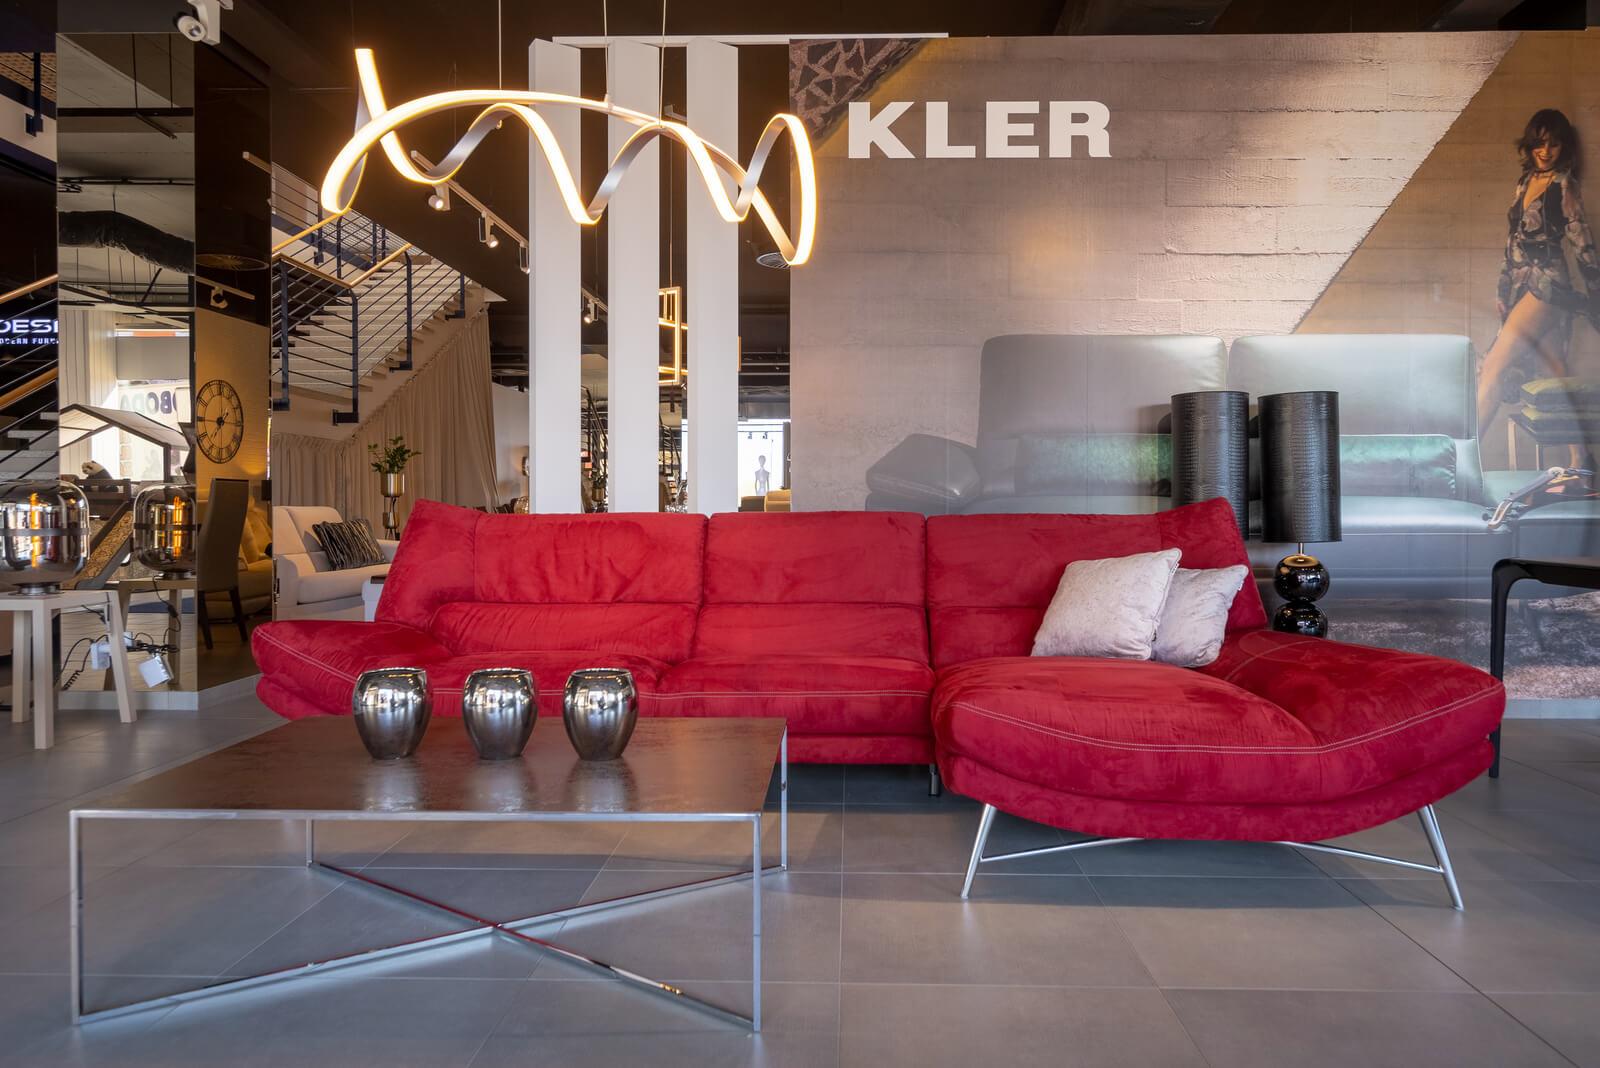 Showroom Residenza Kler Galerie MoDo